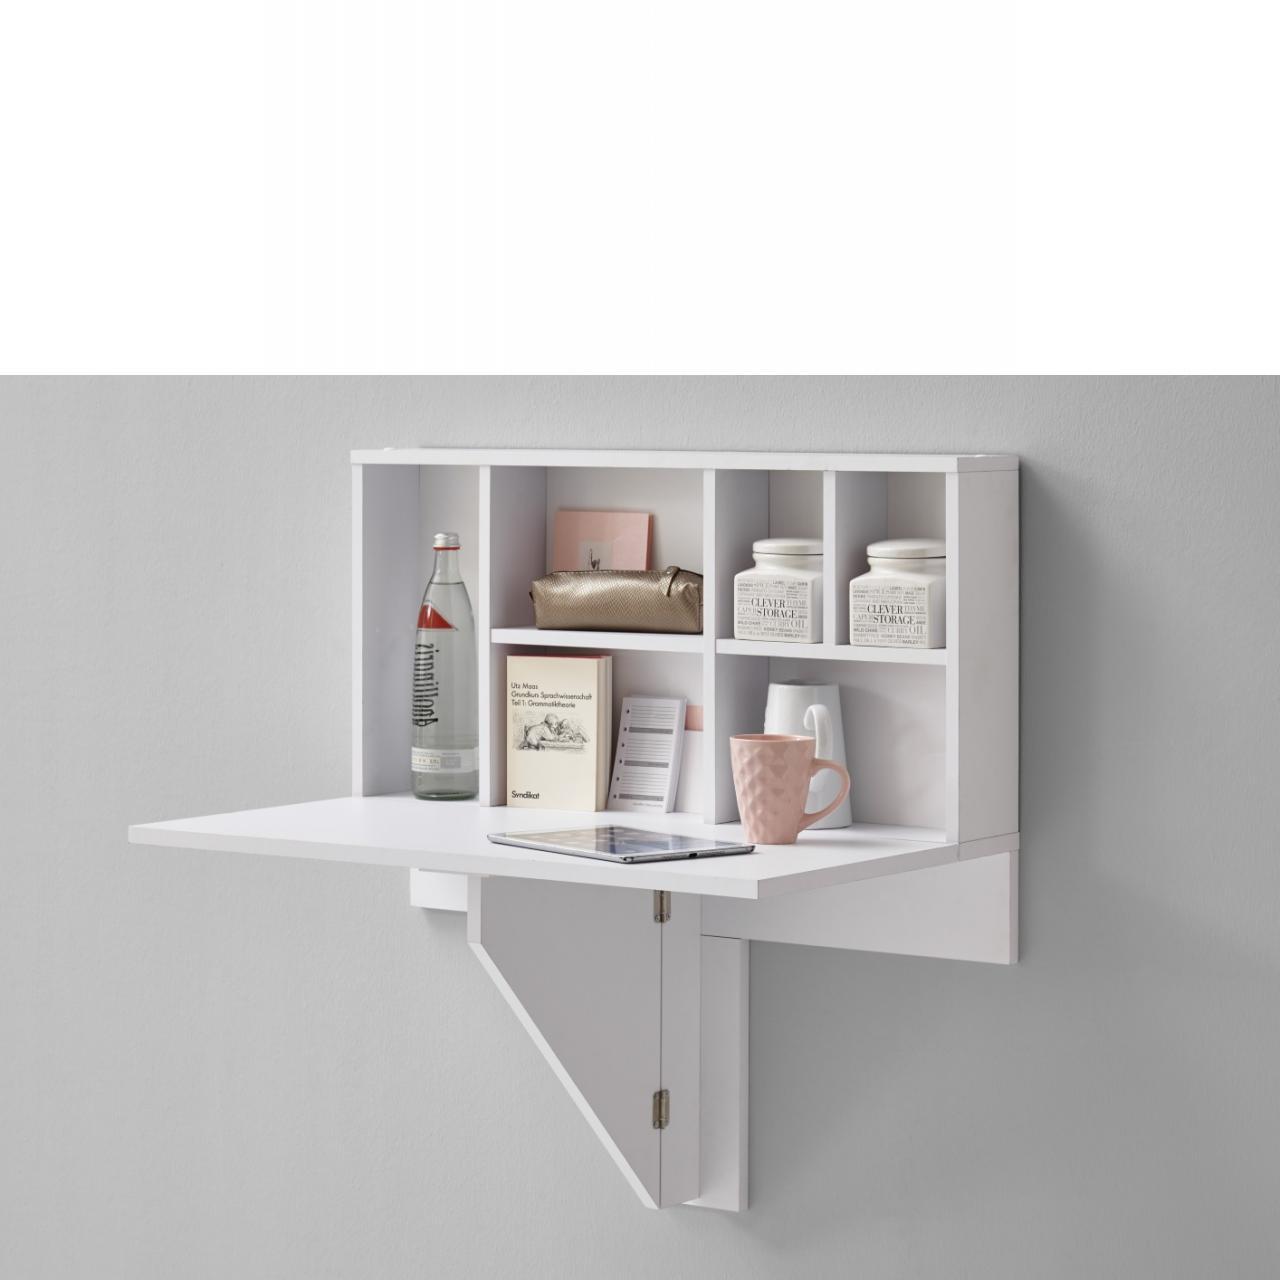 garderobenpaneel gar om sibiu l rche garderoben wohnen. Black Bedroom Furniture Sets. Home Design Ideas